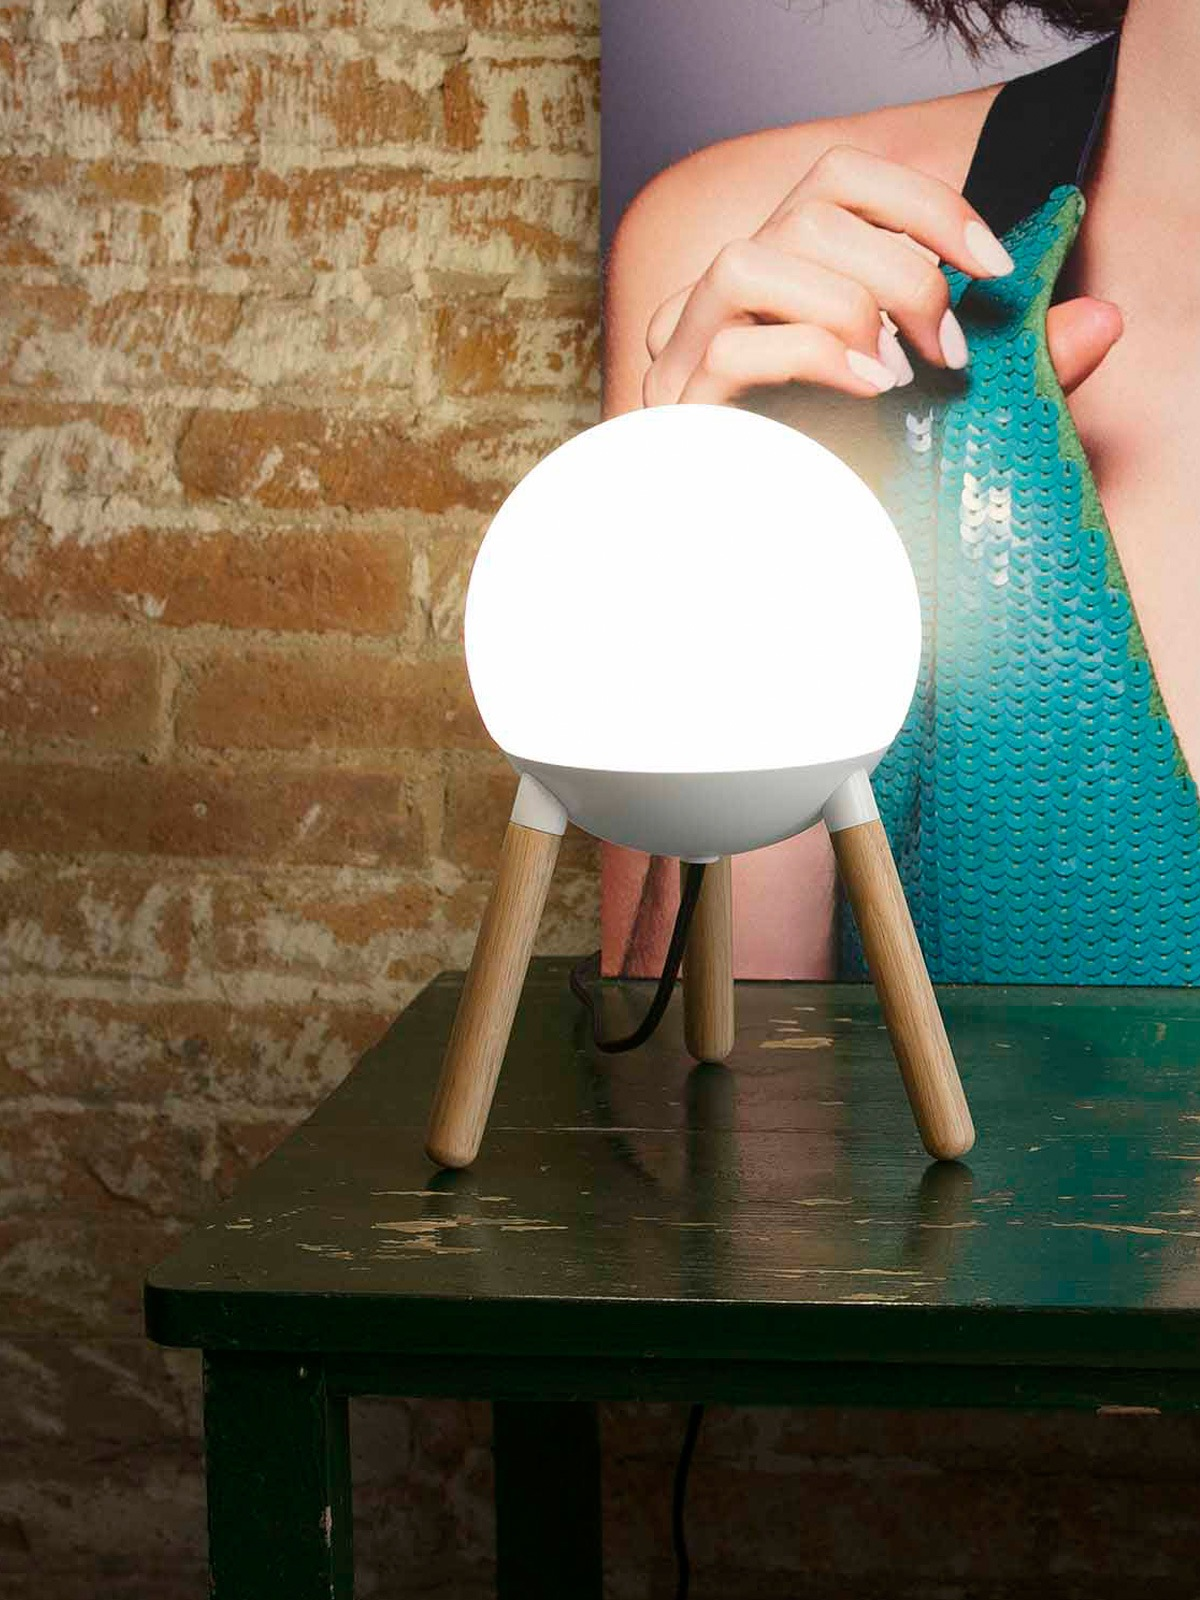 Faro Lampe Mine Table DesignOrt Onlineshop Leuchte